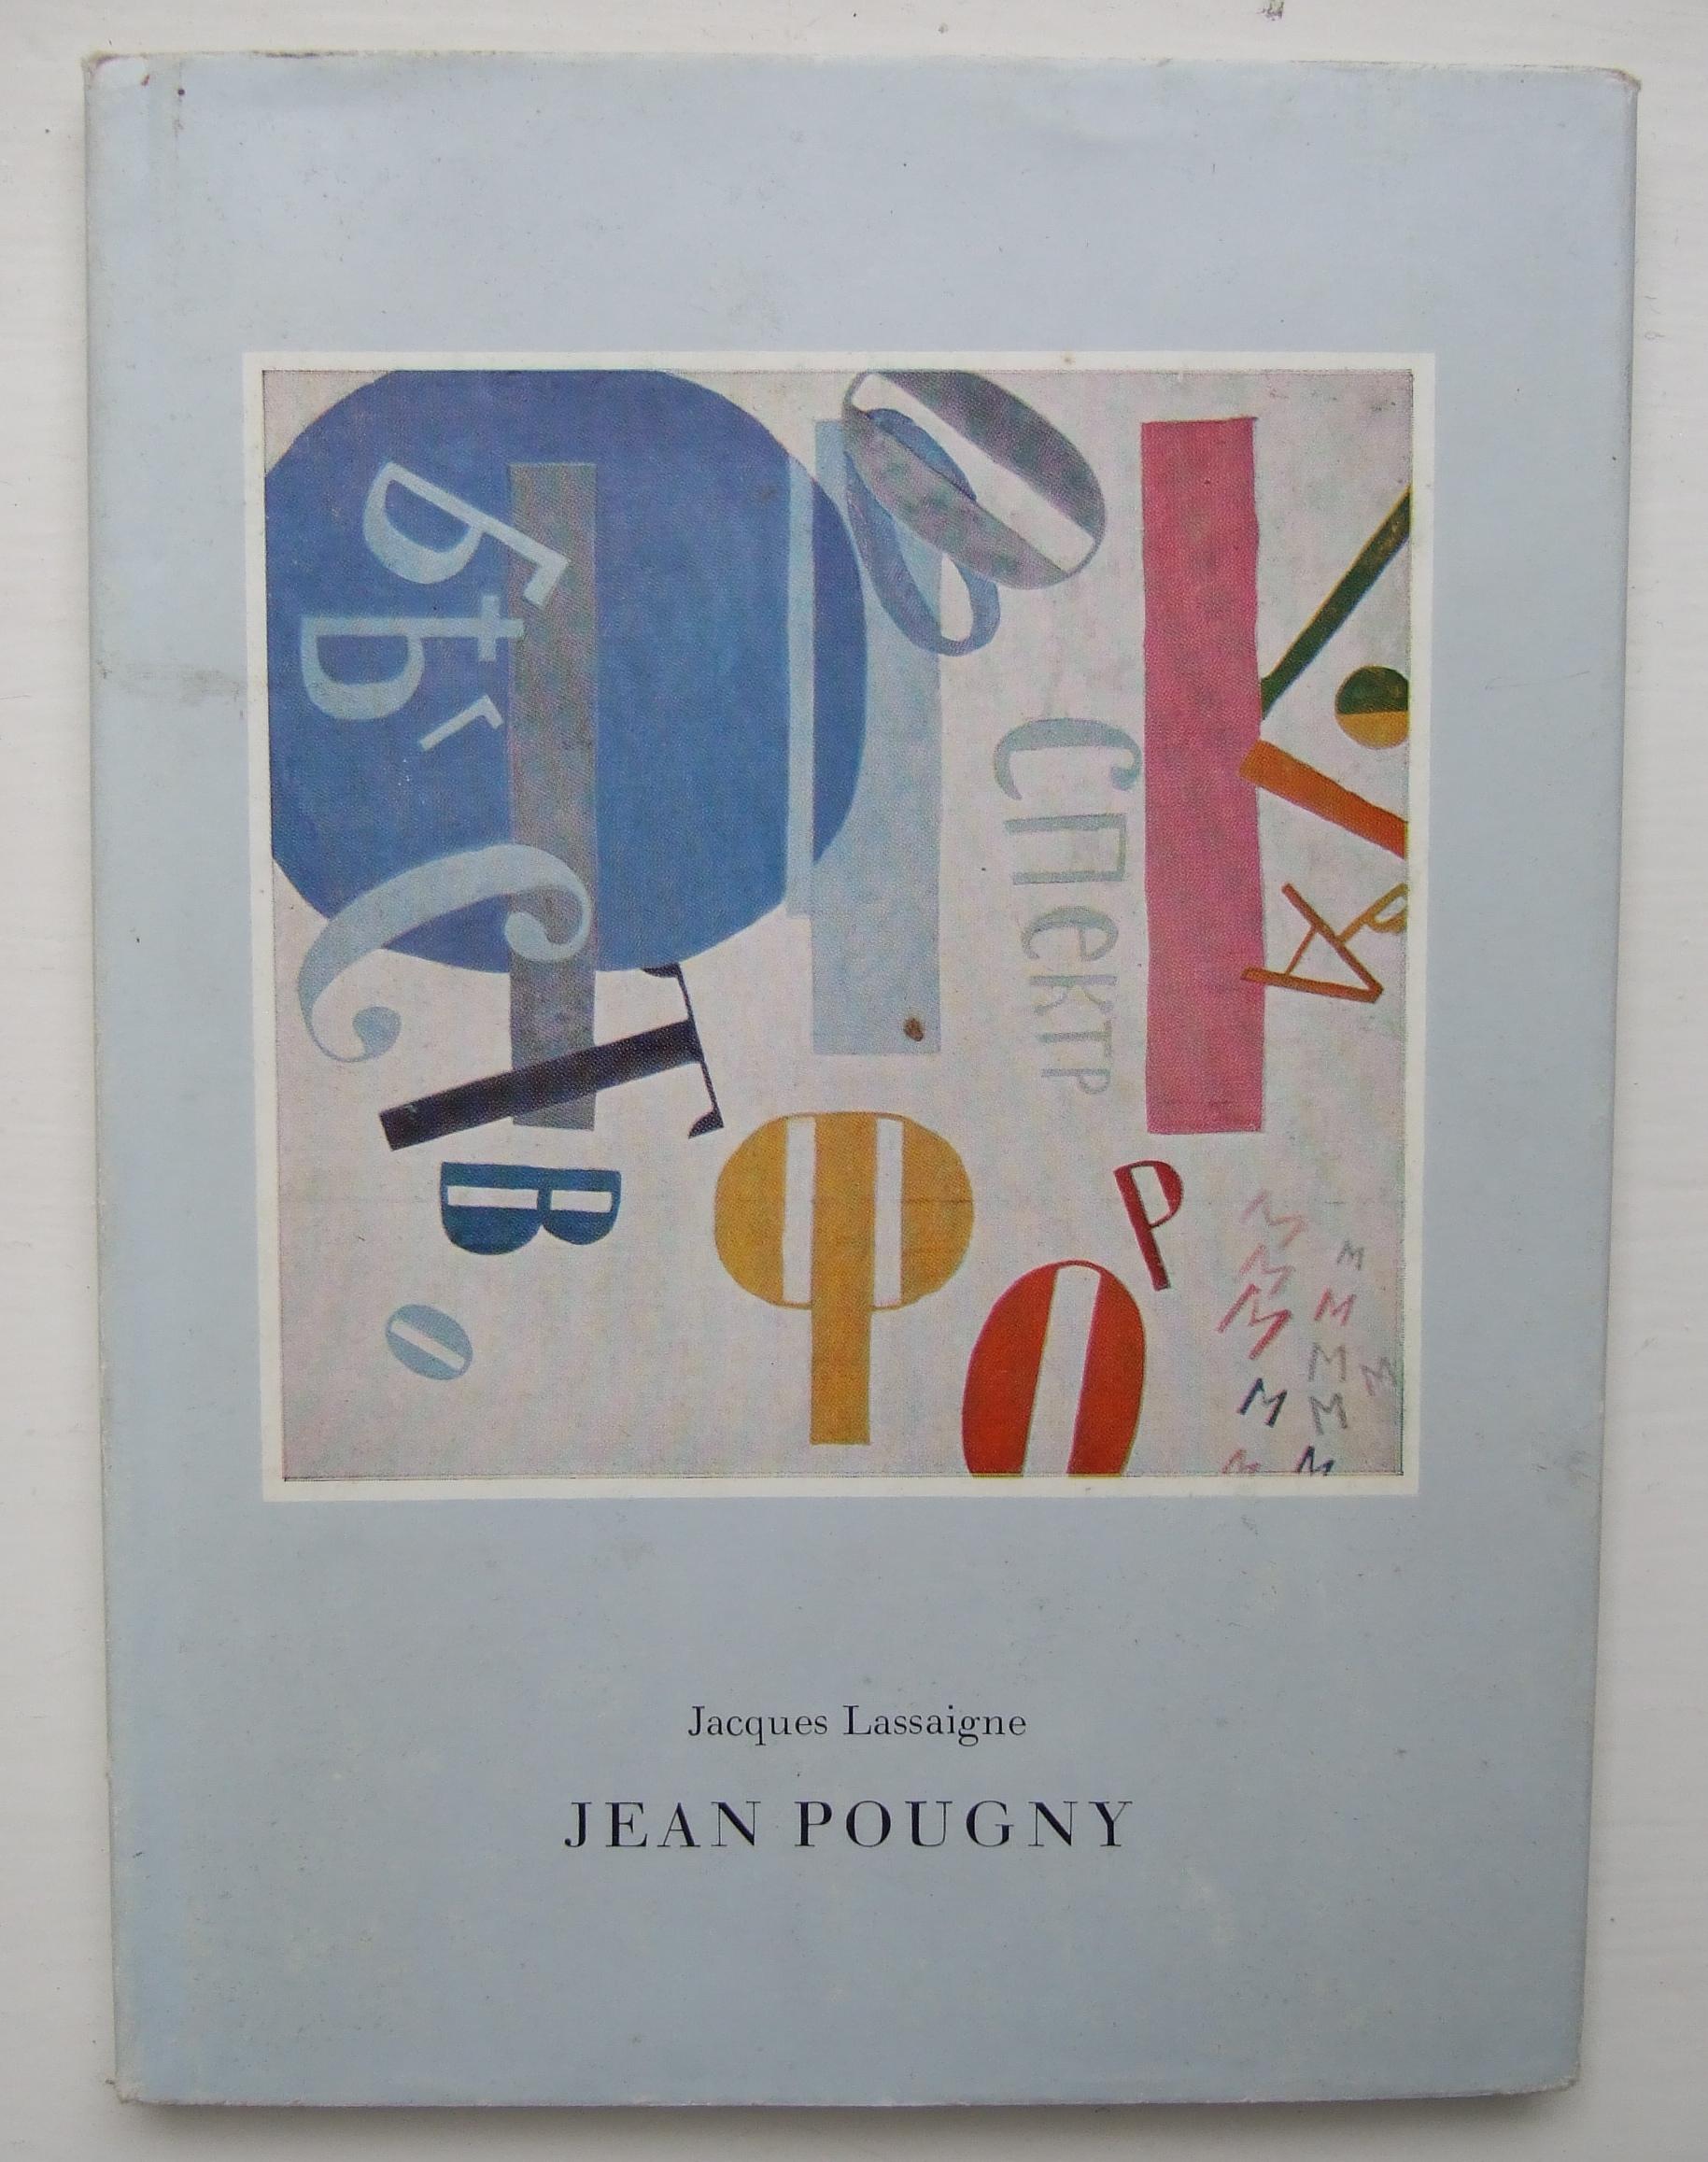 Jean Pougny by Jacques Lassaigne